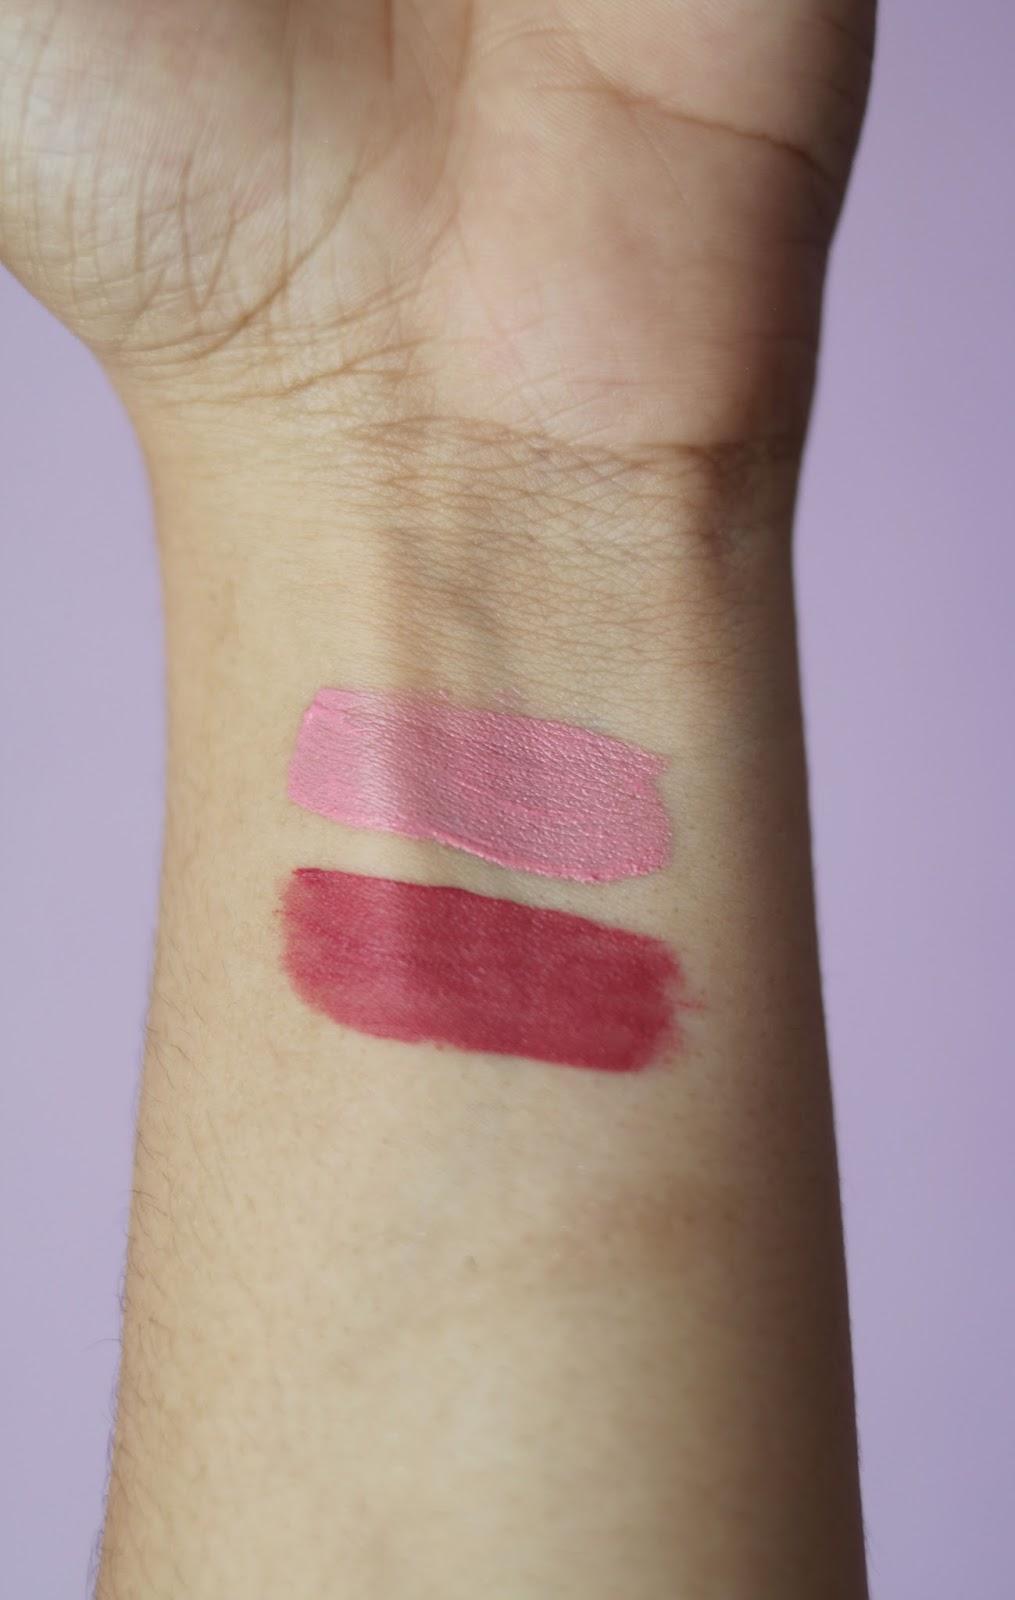 Essence Cosmetics , Essence cosmetiques , Essence , MATT MATT MATT LONGLASTING LIPGLOSS , revue , avis , rosemademoiselle , rose mademoiselle , blog beauté , paris , revue , avis , france , swatch ,